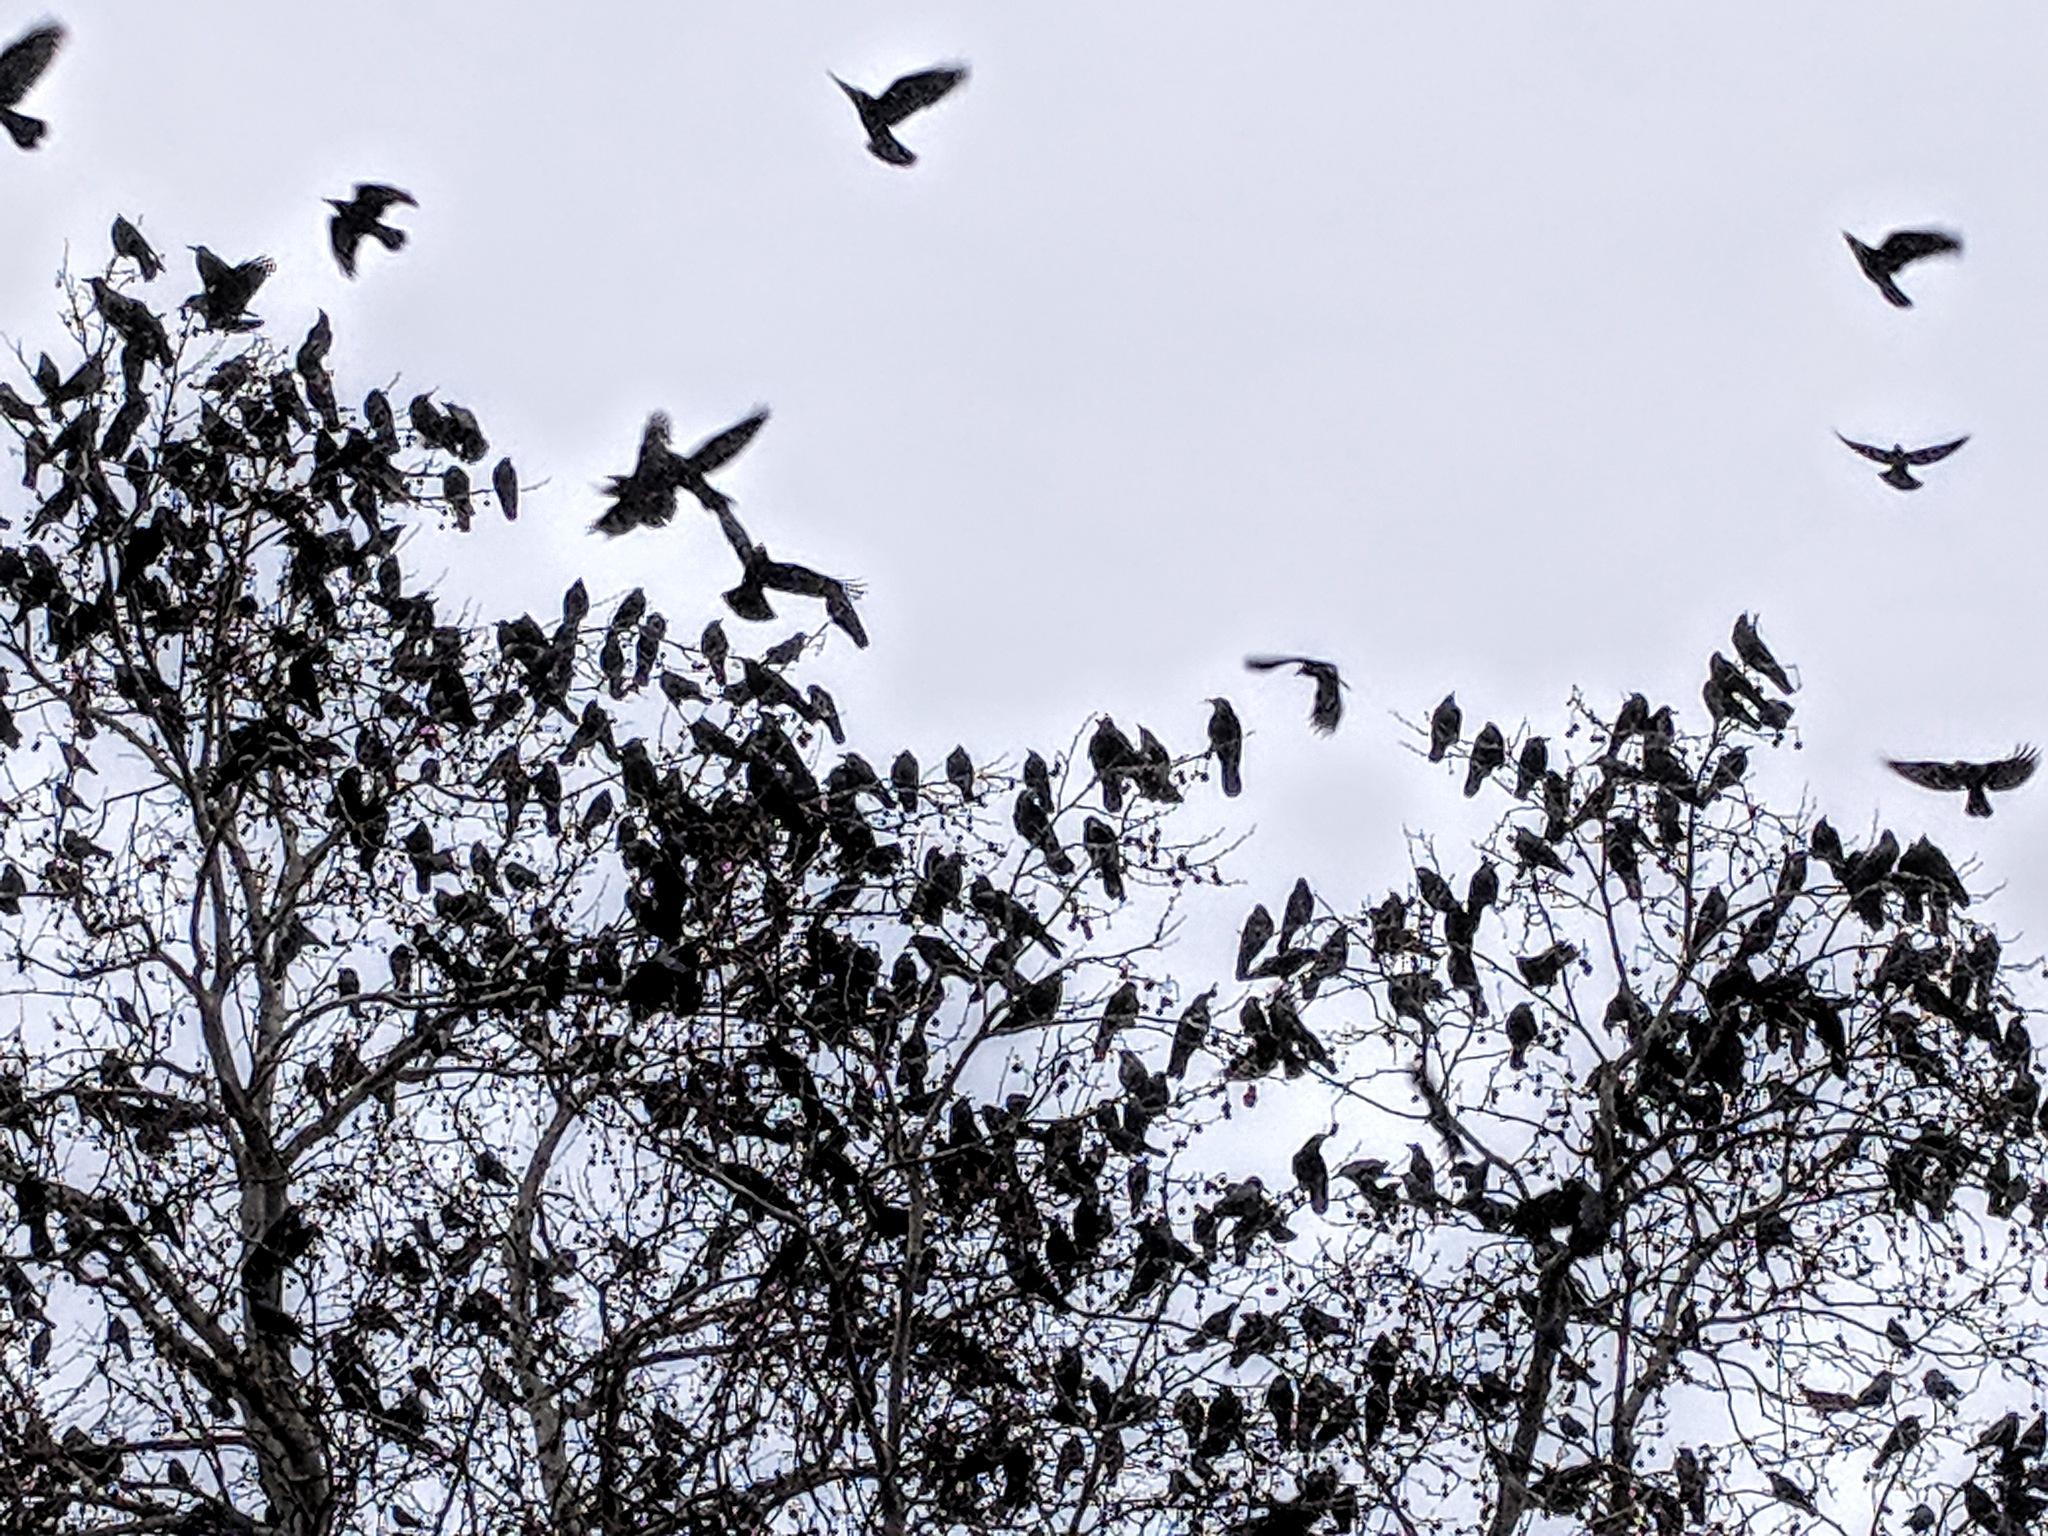 Black birds by Branchy